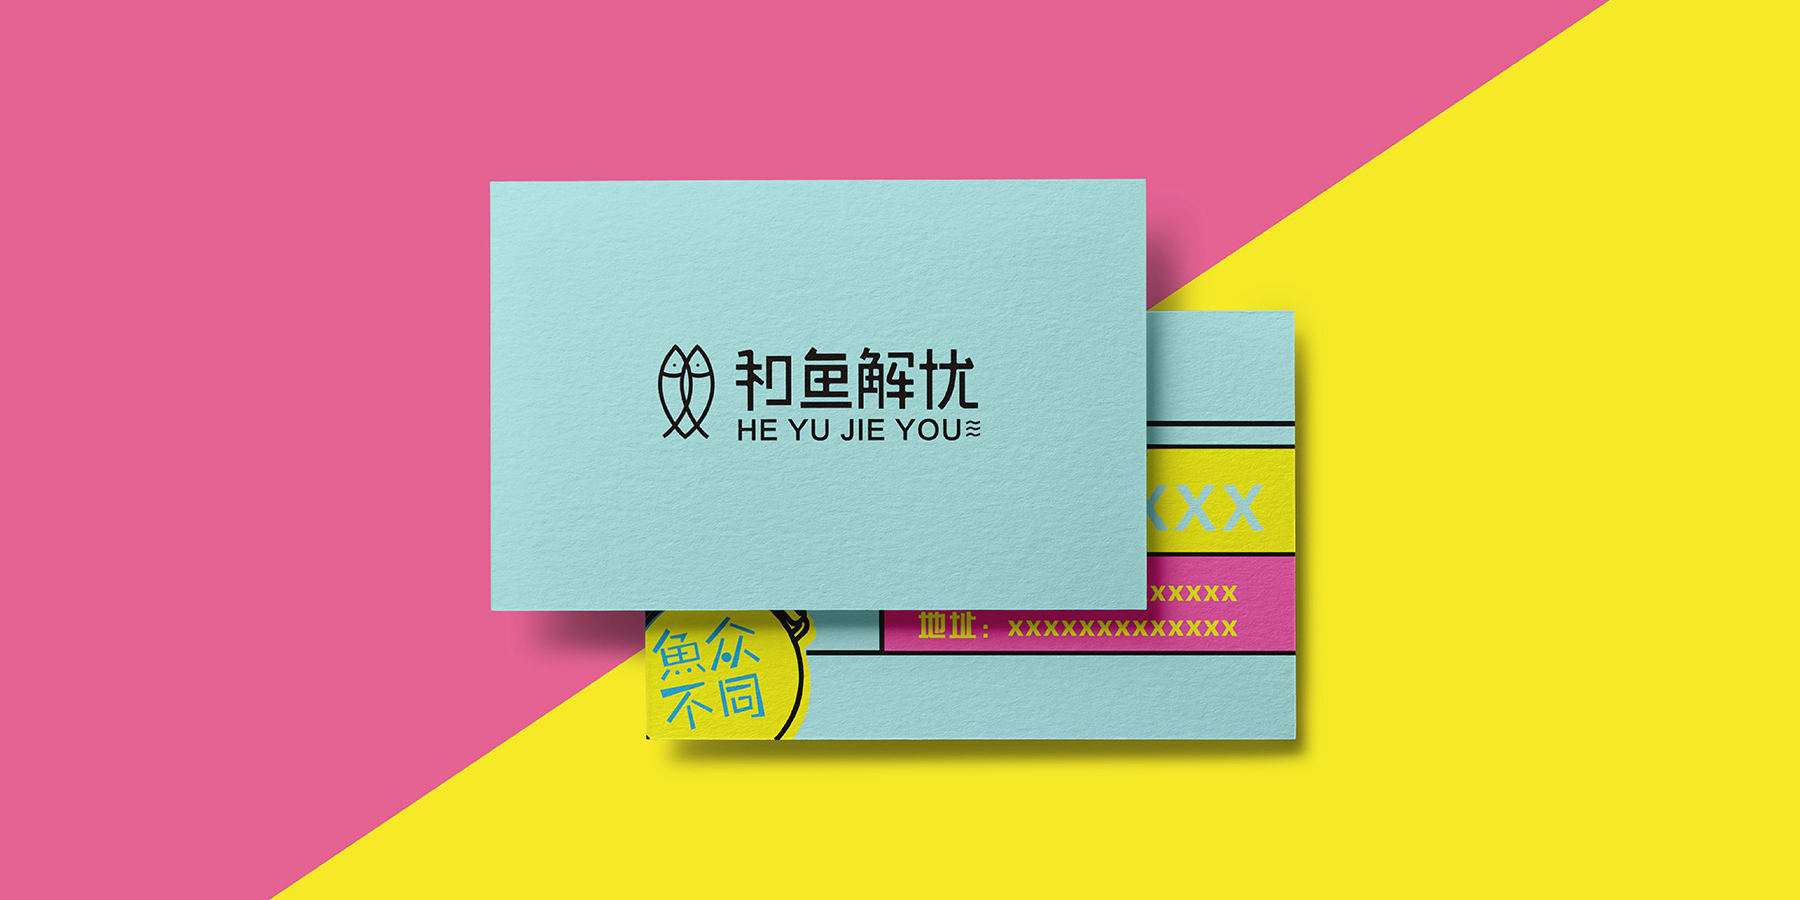 和鱼解忧酸菜鱼米饭-VI设计-品牌设计-品牌策略